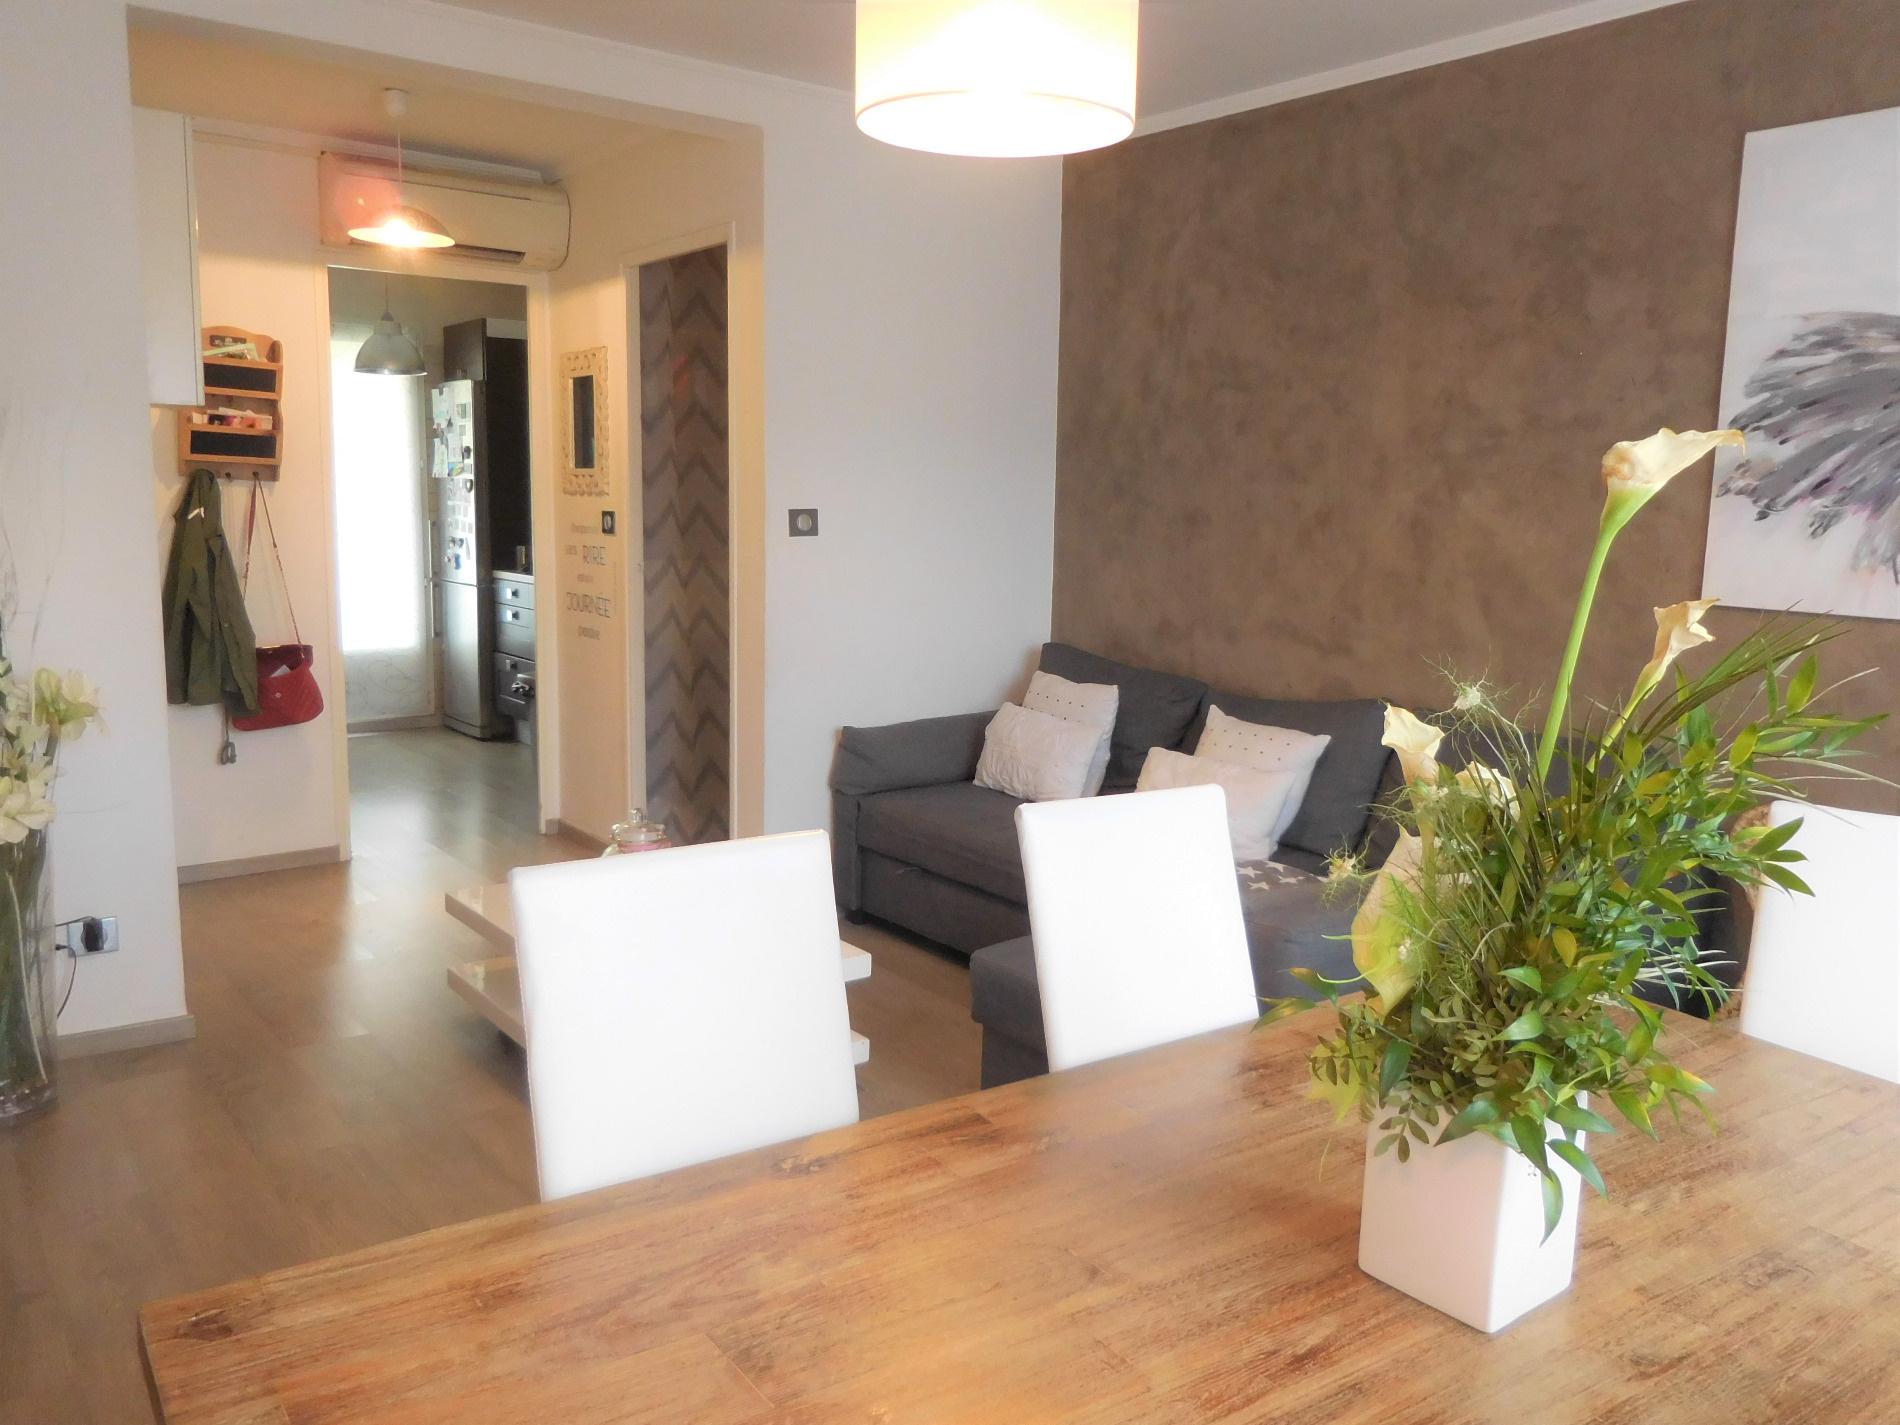 vente aubagne pin vert t3 enti rement refait neuf. Black Bedroom Furniture Sets. Home Design Ideas